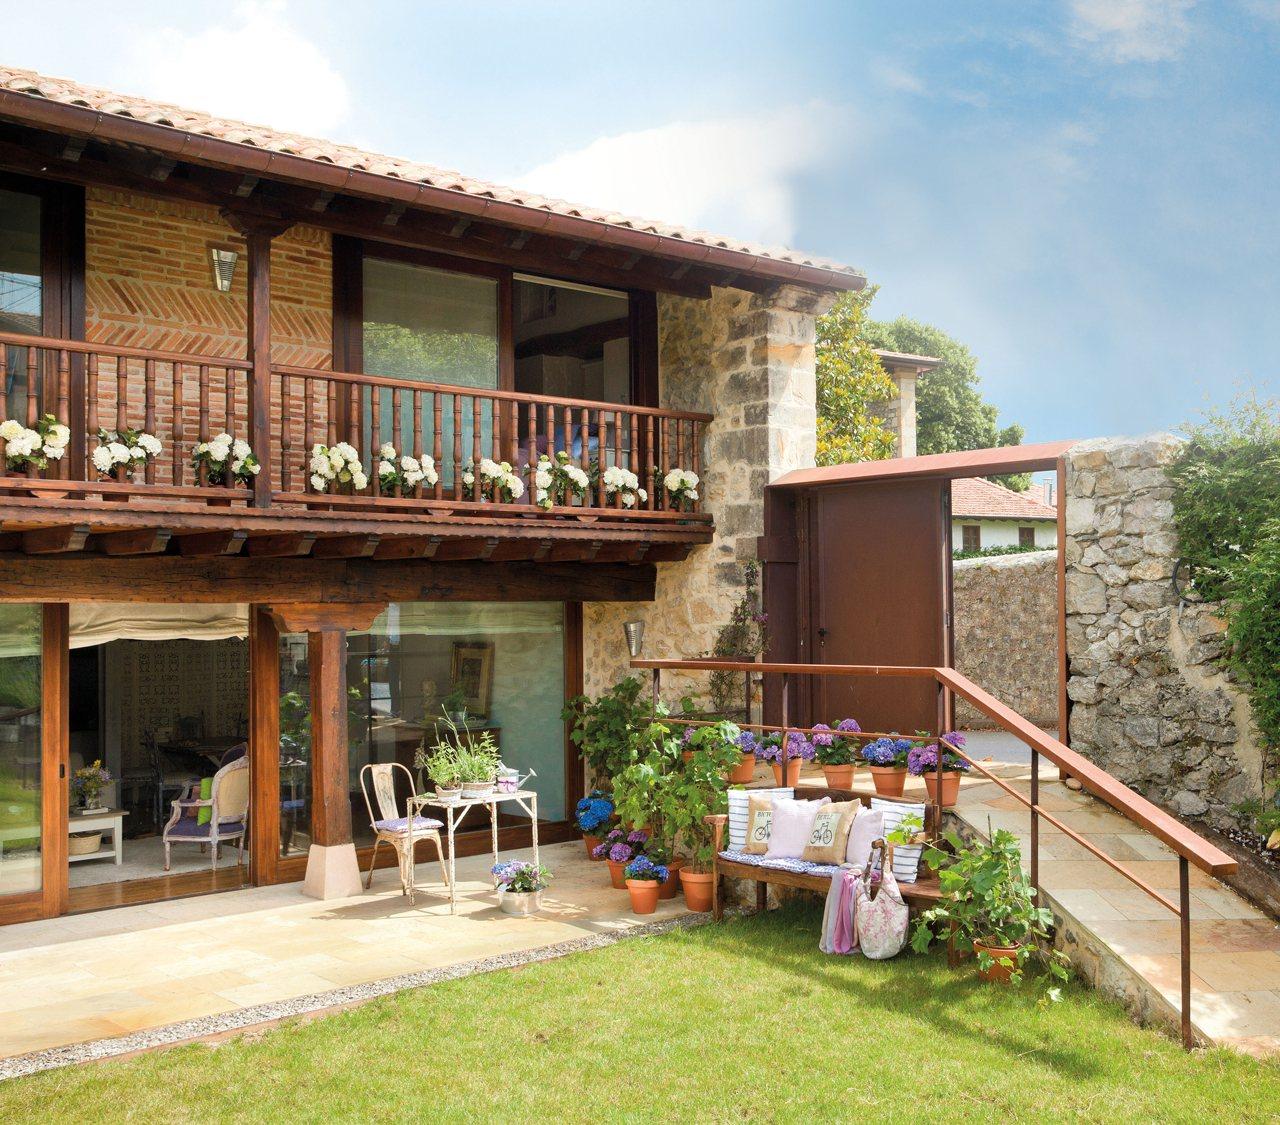 Casa familiar en cantabria con jard n for Casa con jardin barcelona